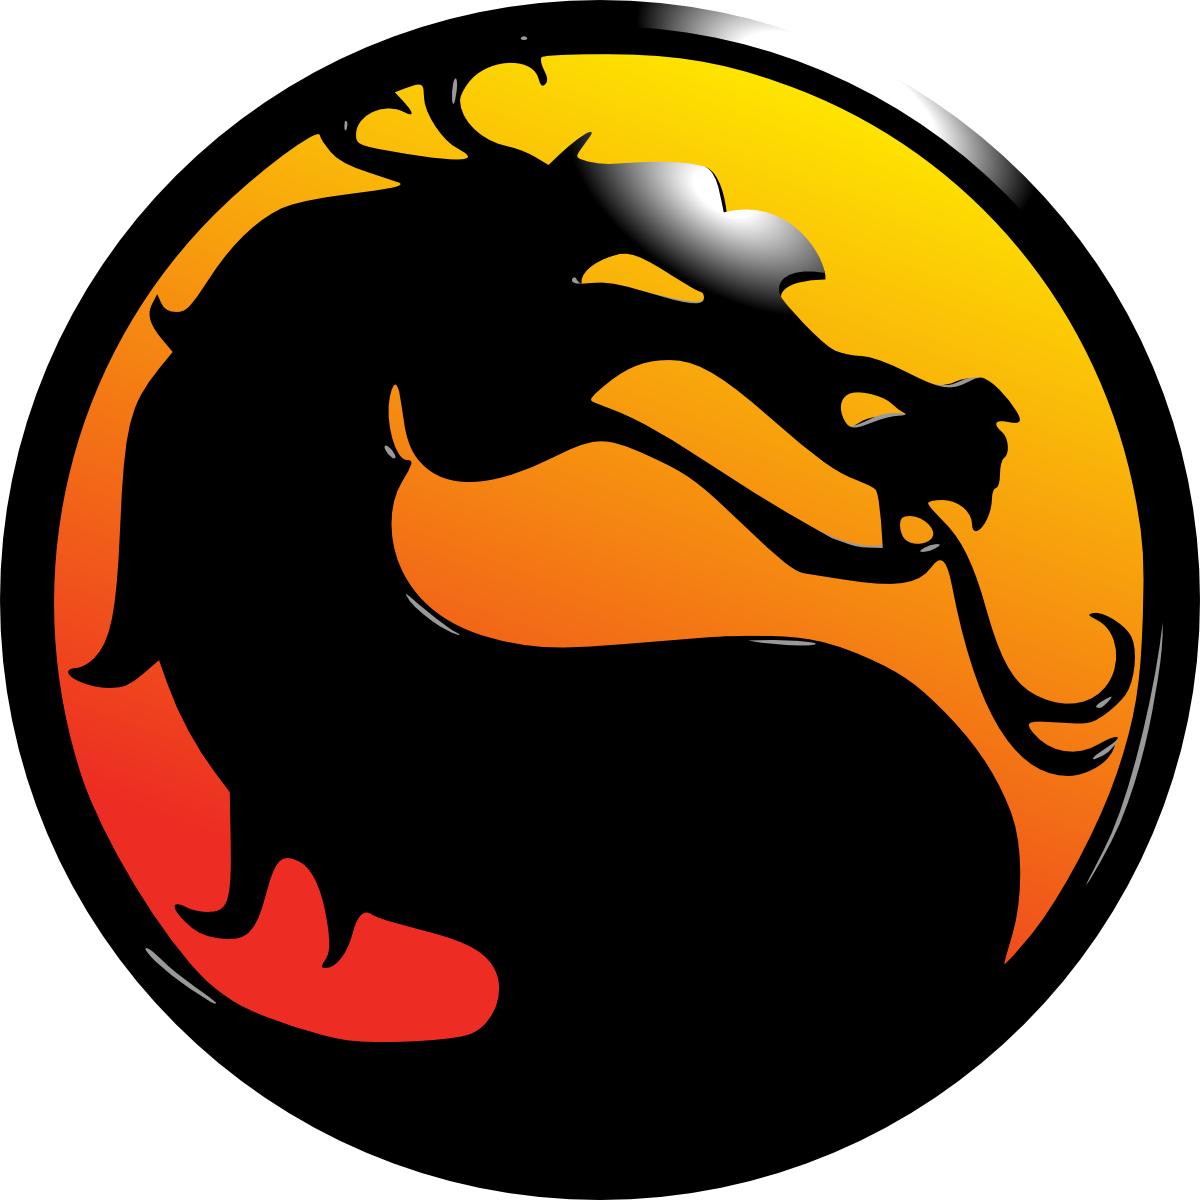 Mortal Kombat исполнилось 22 года. - Изображение 1